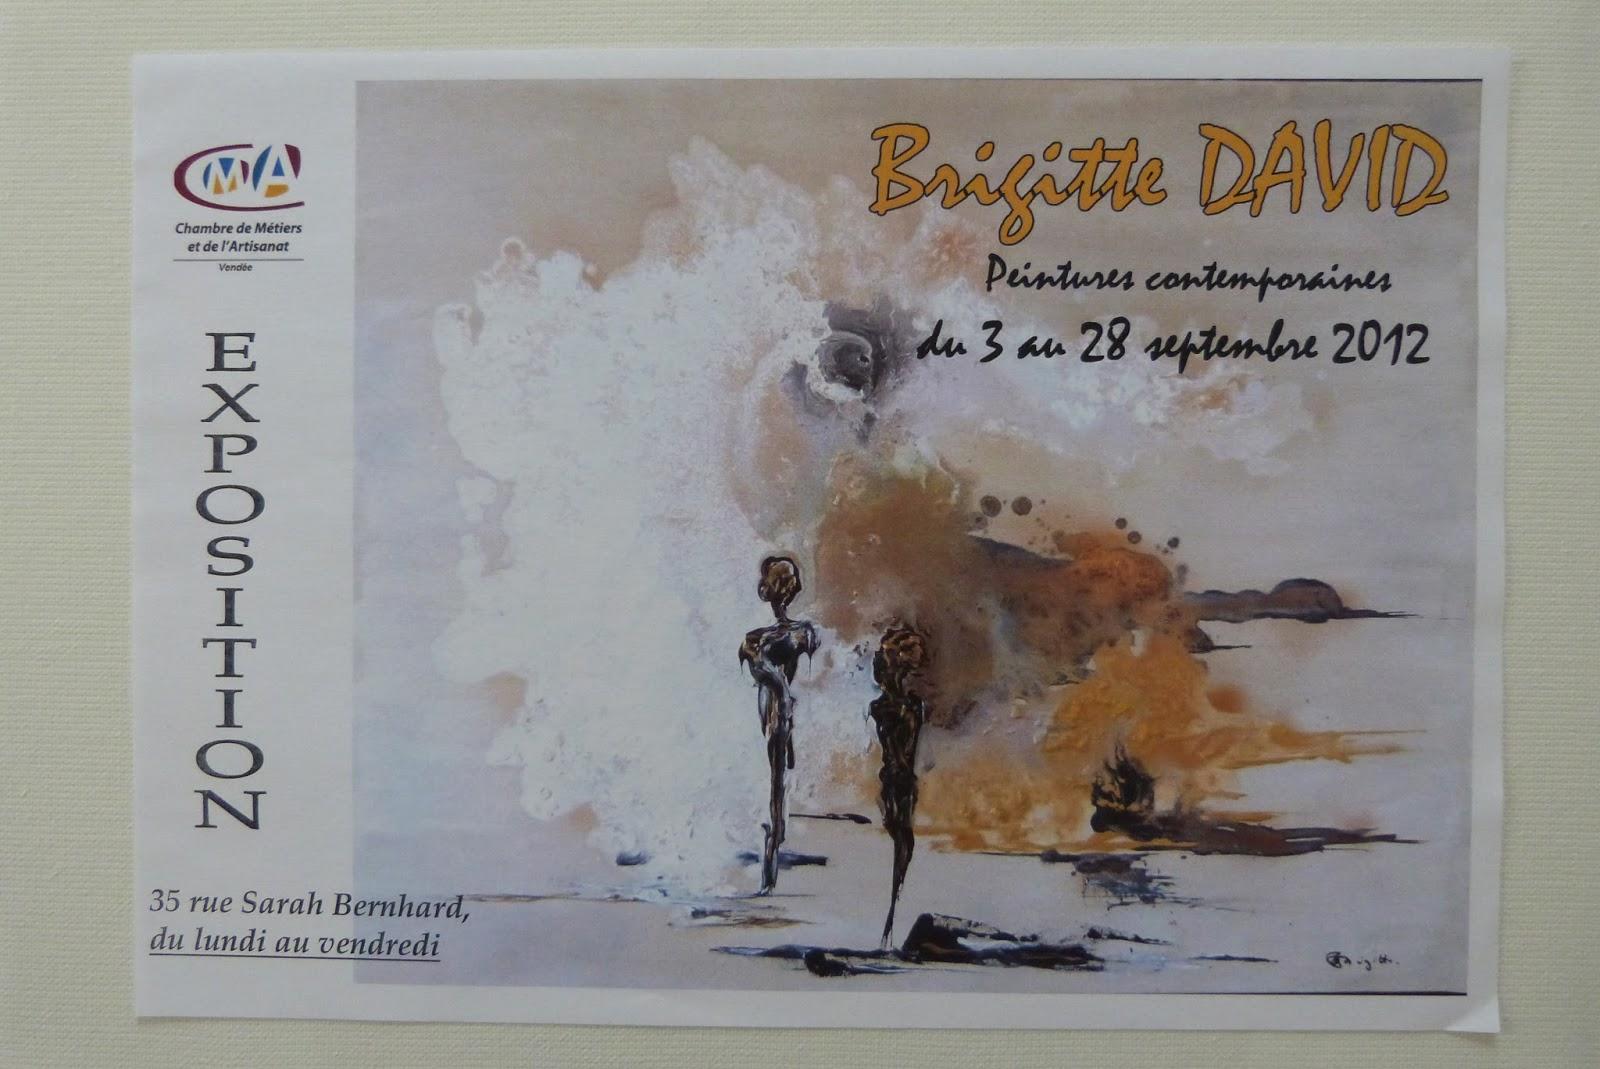 Brigitte david peinture contemporaine - Chambre des metiers la roche sur yon ...